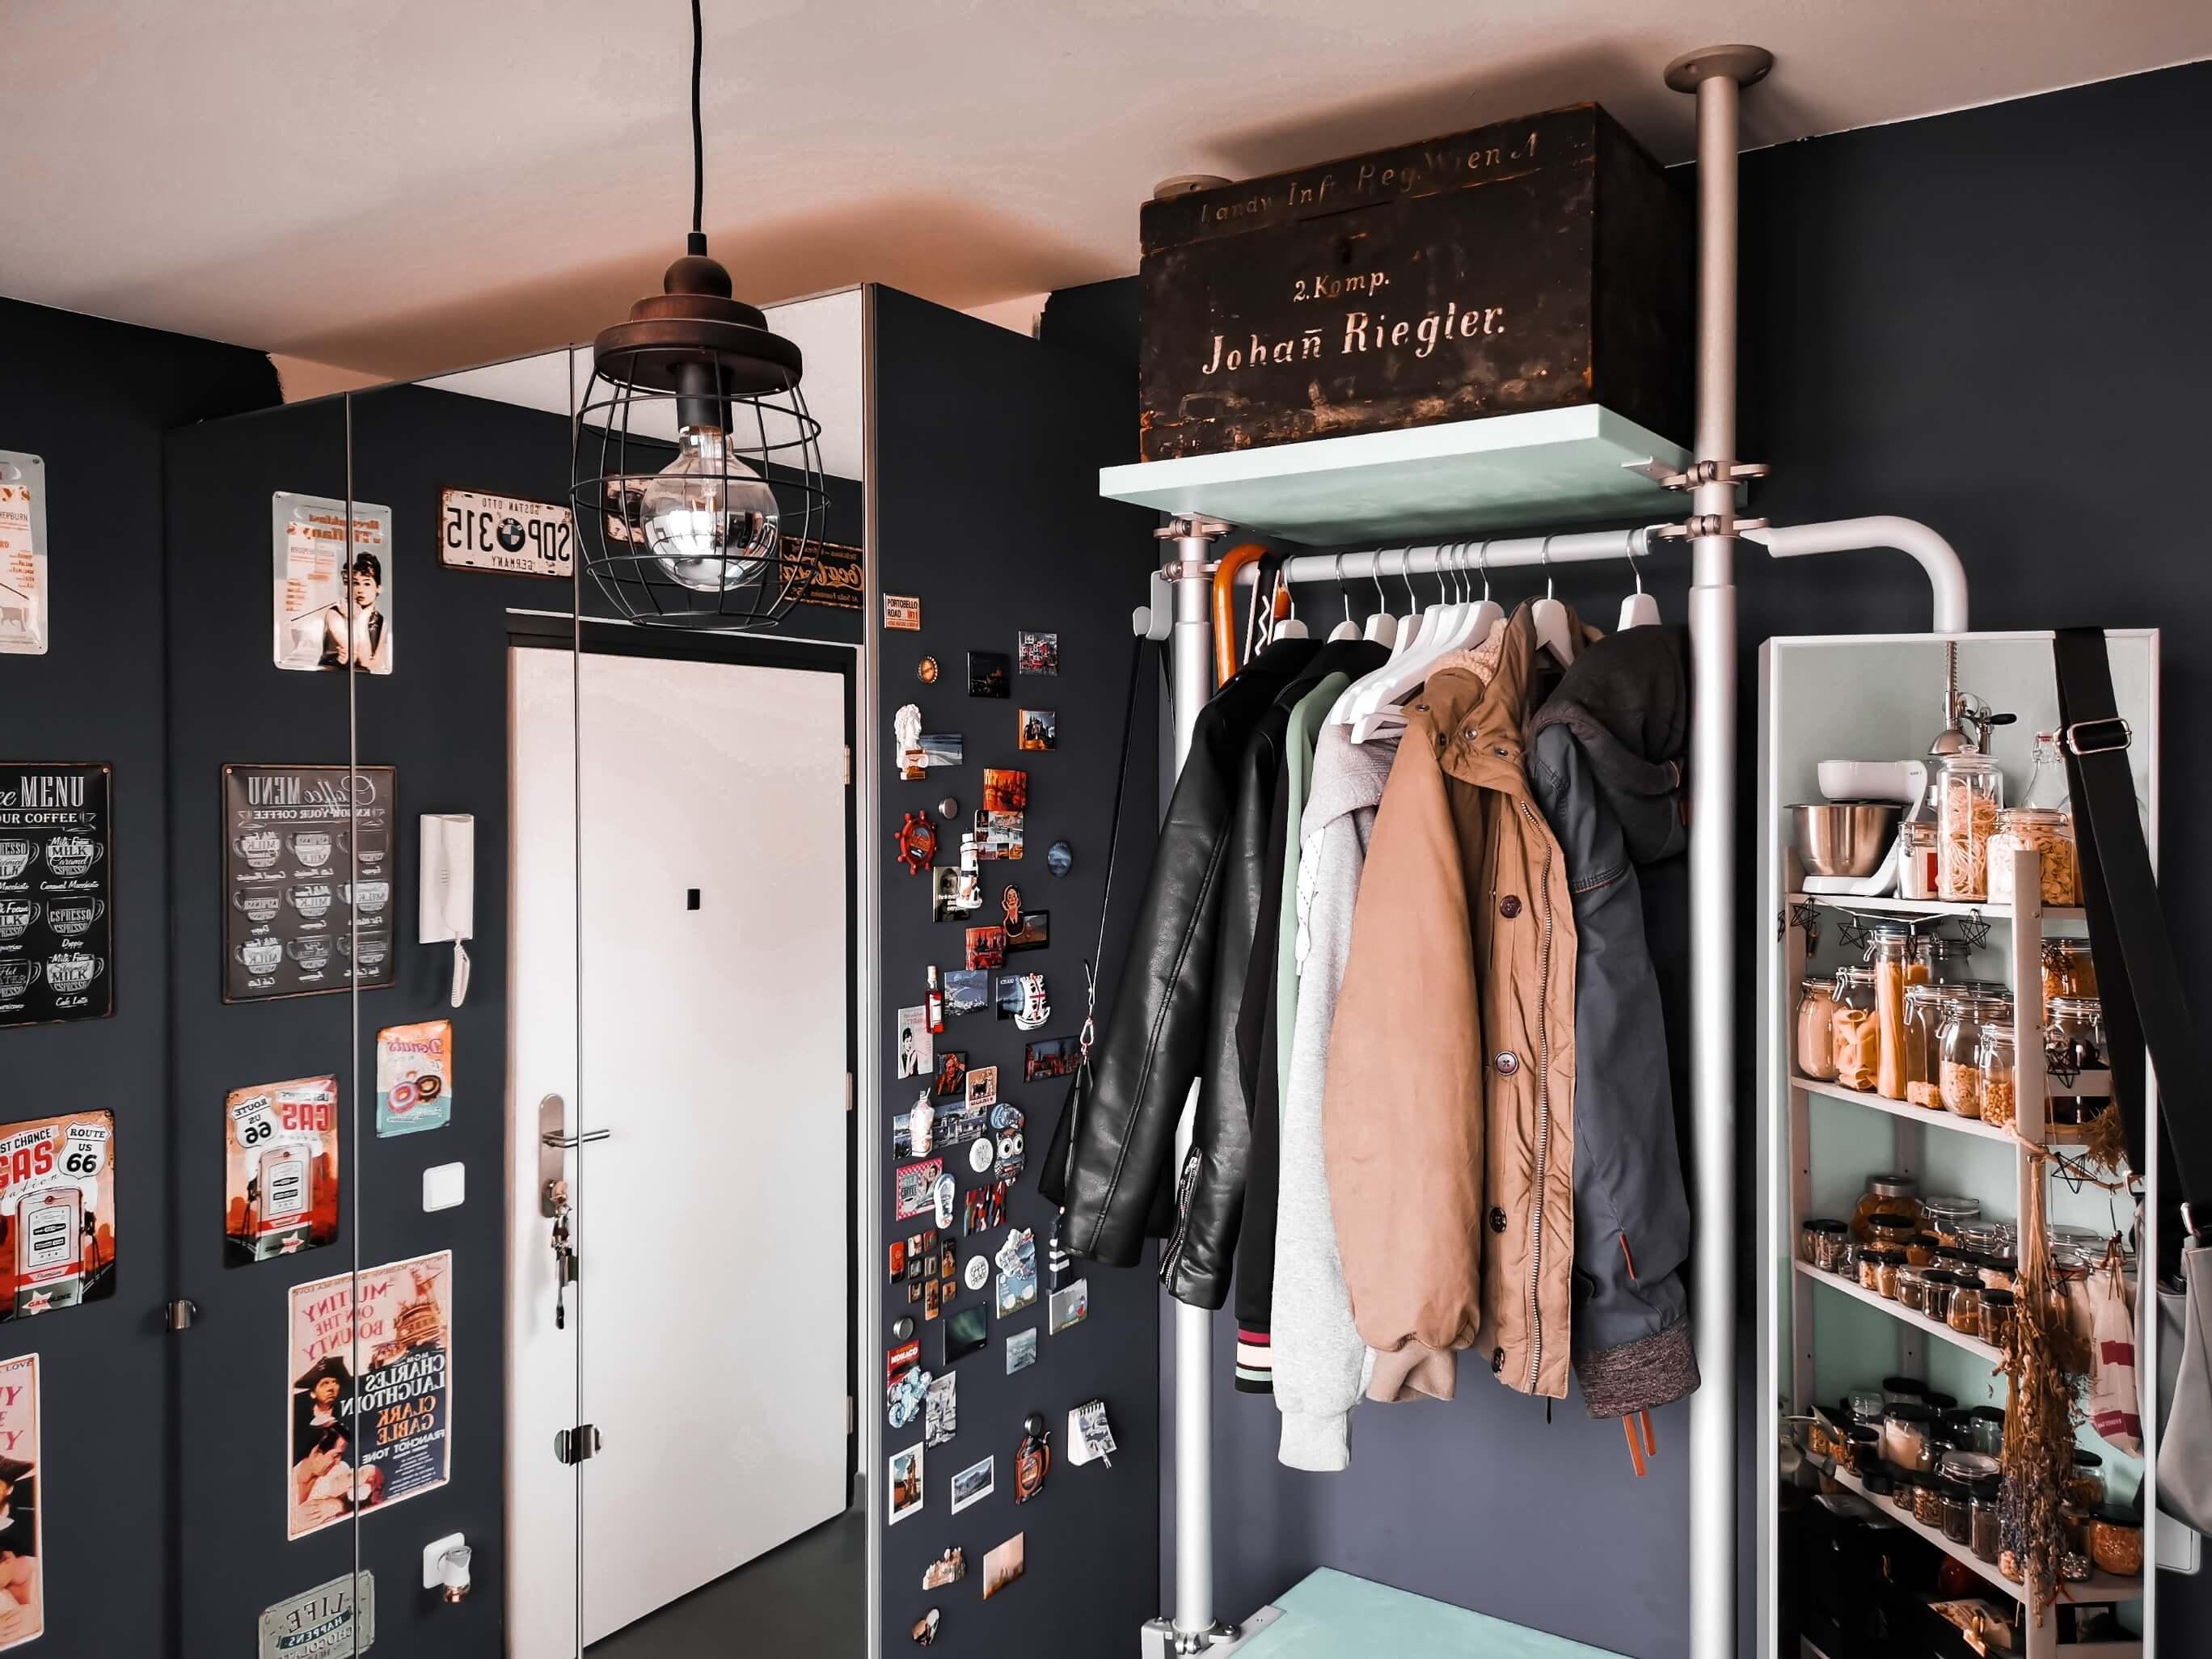 IMG 20191116 095454 resized 20191117 061614674 - Projekt Vorzimmer: 11 DIY-Ideen an einem Ort